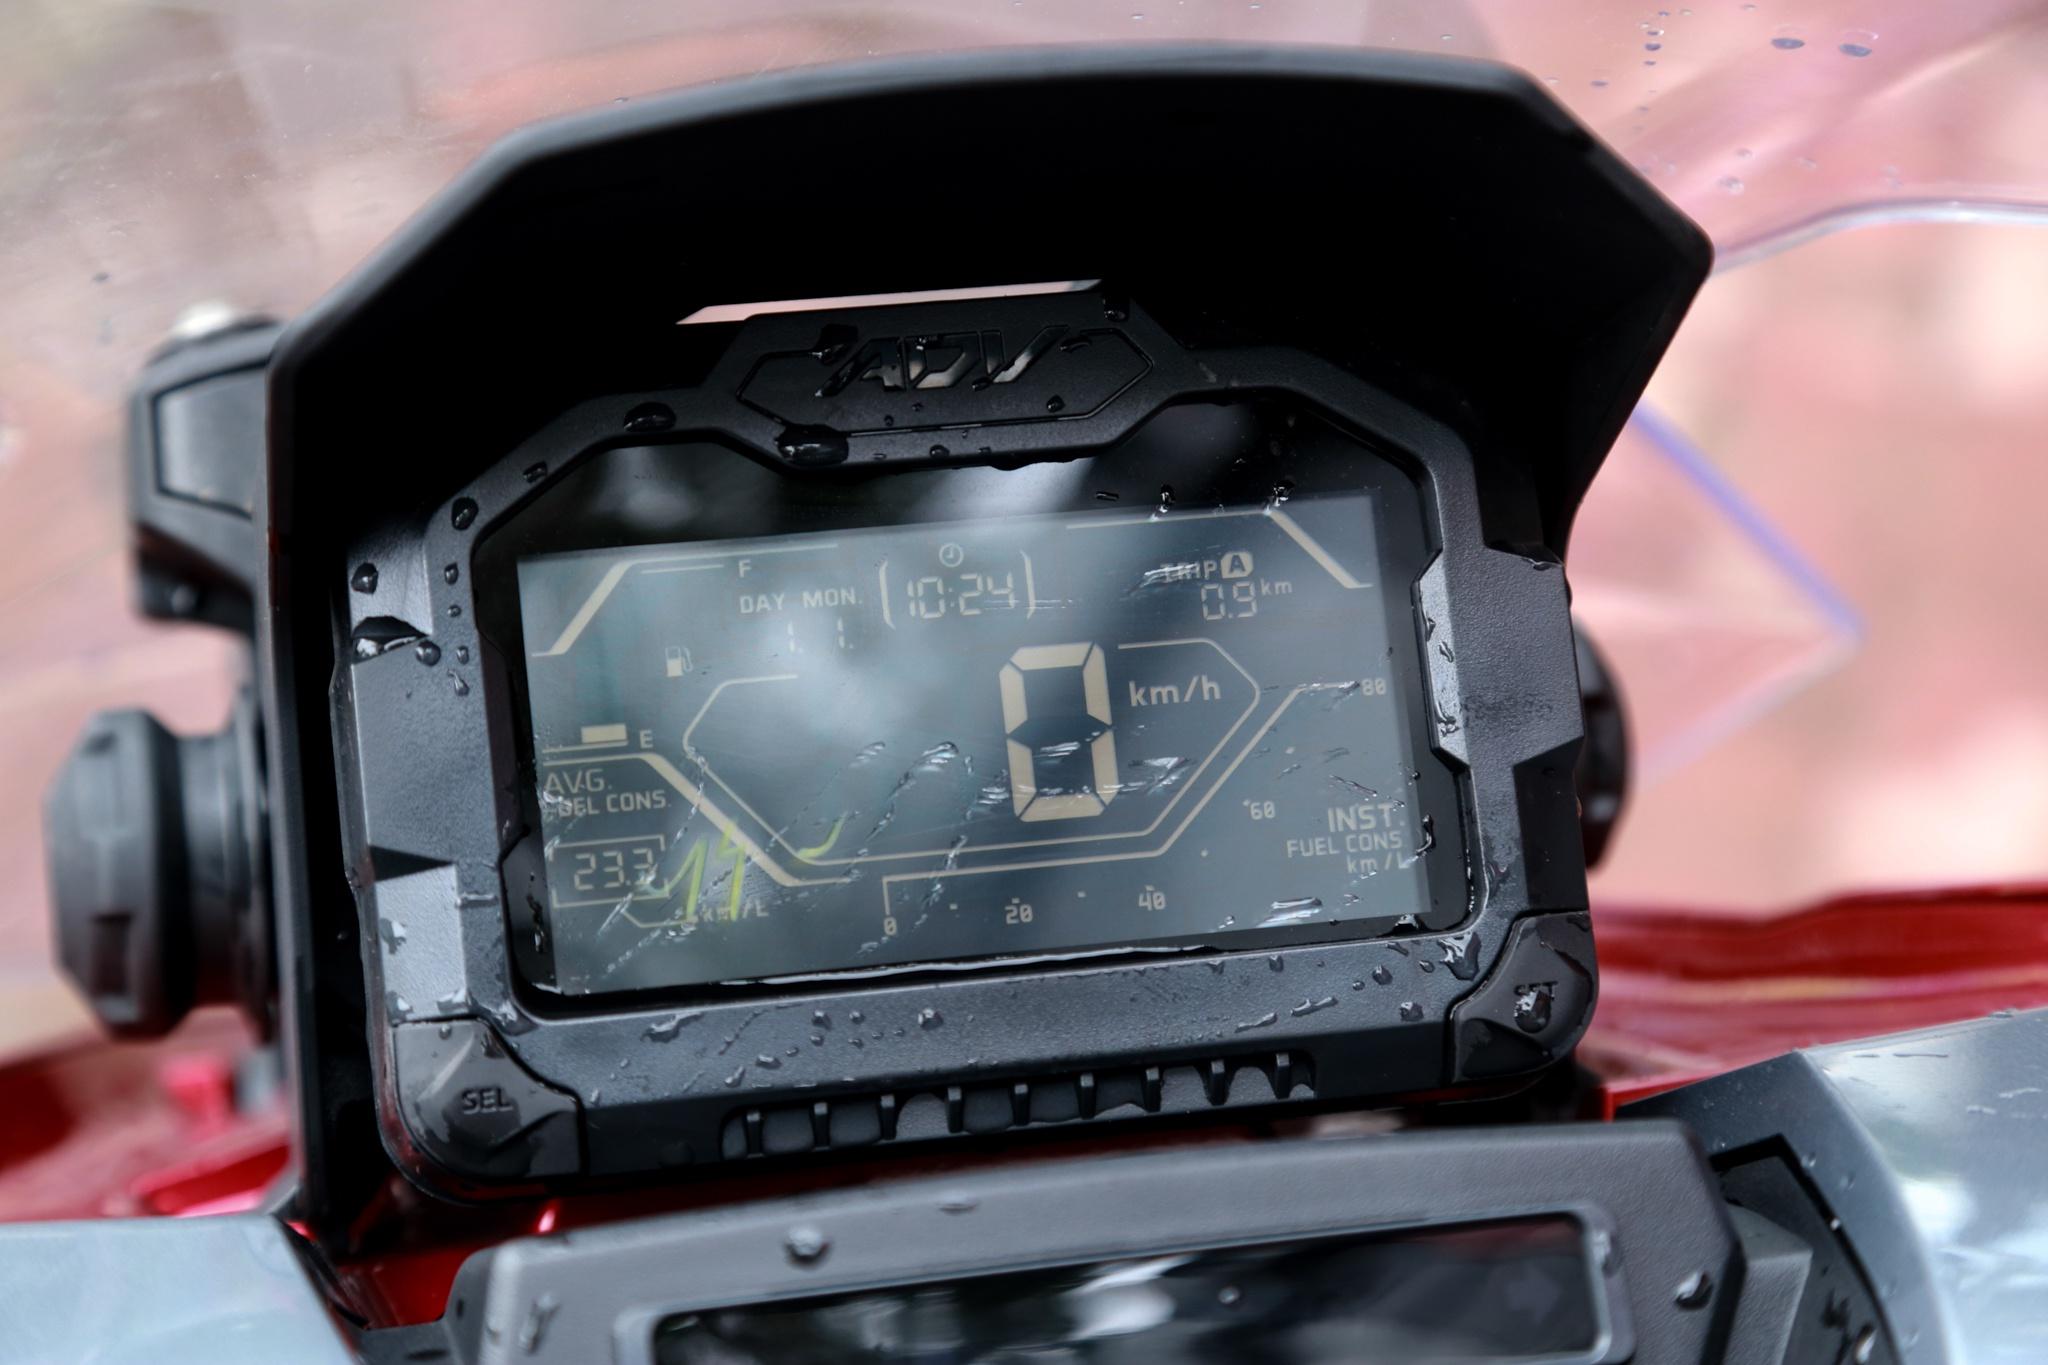 xe-tay-ga-Honda-ADV-150-gia-78-85-trieu-dong-03